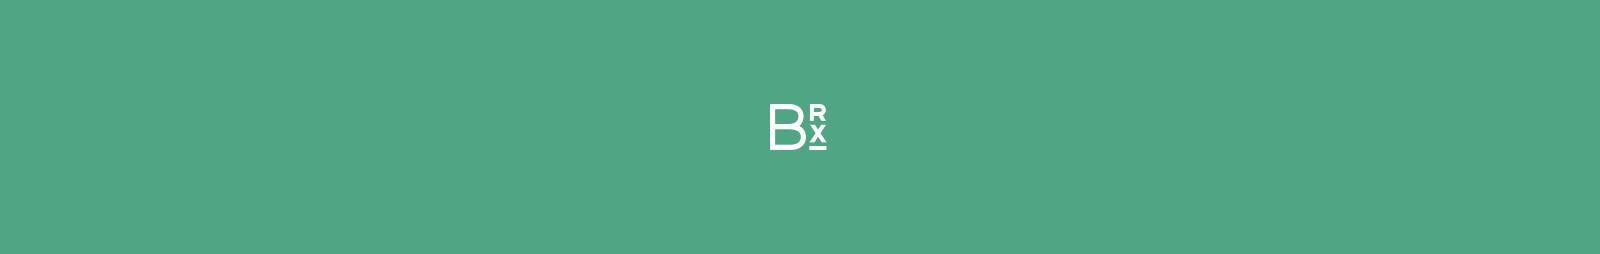 brx-monogram